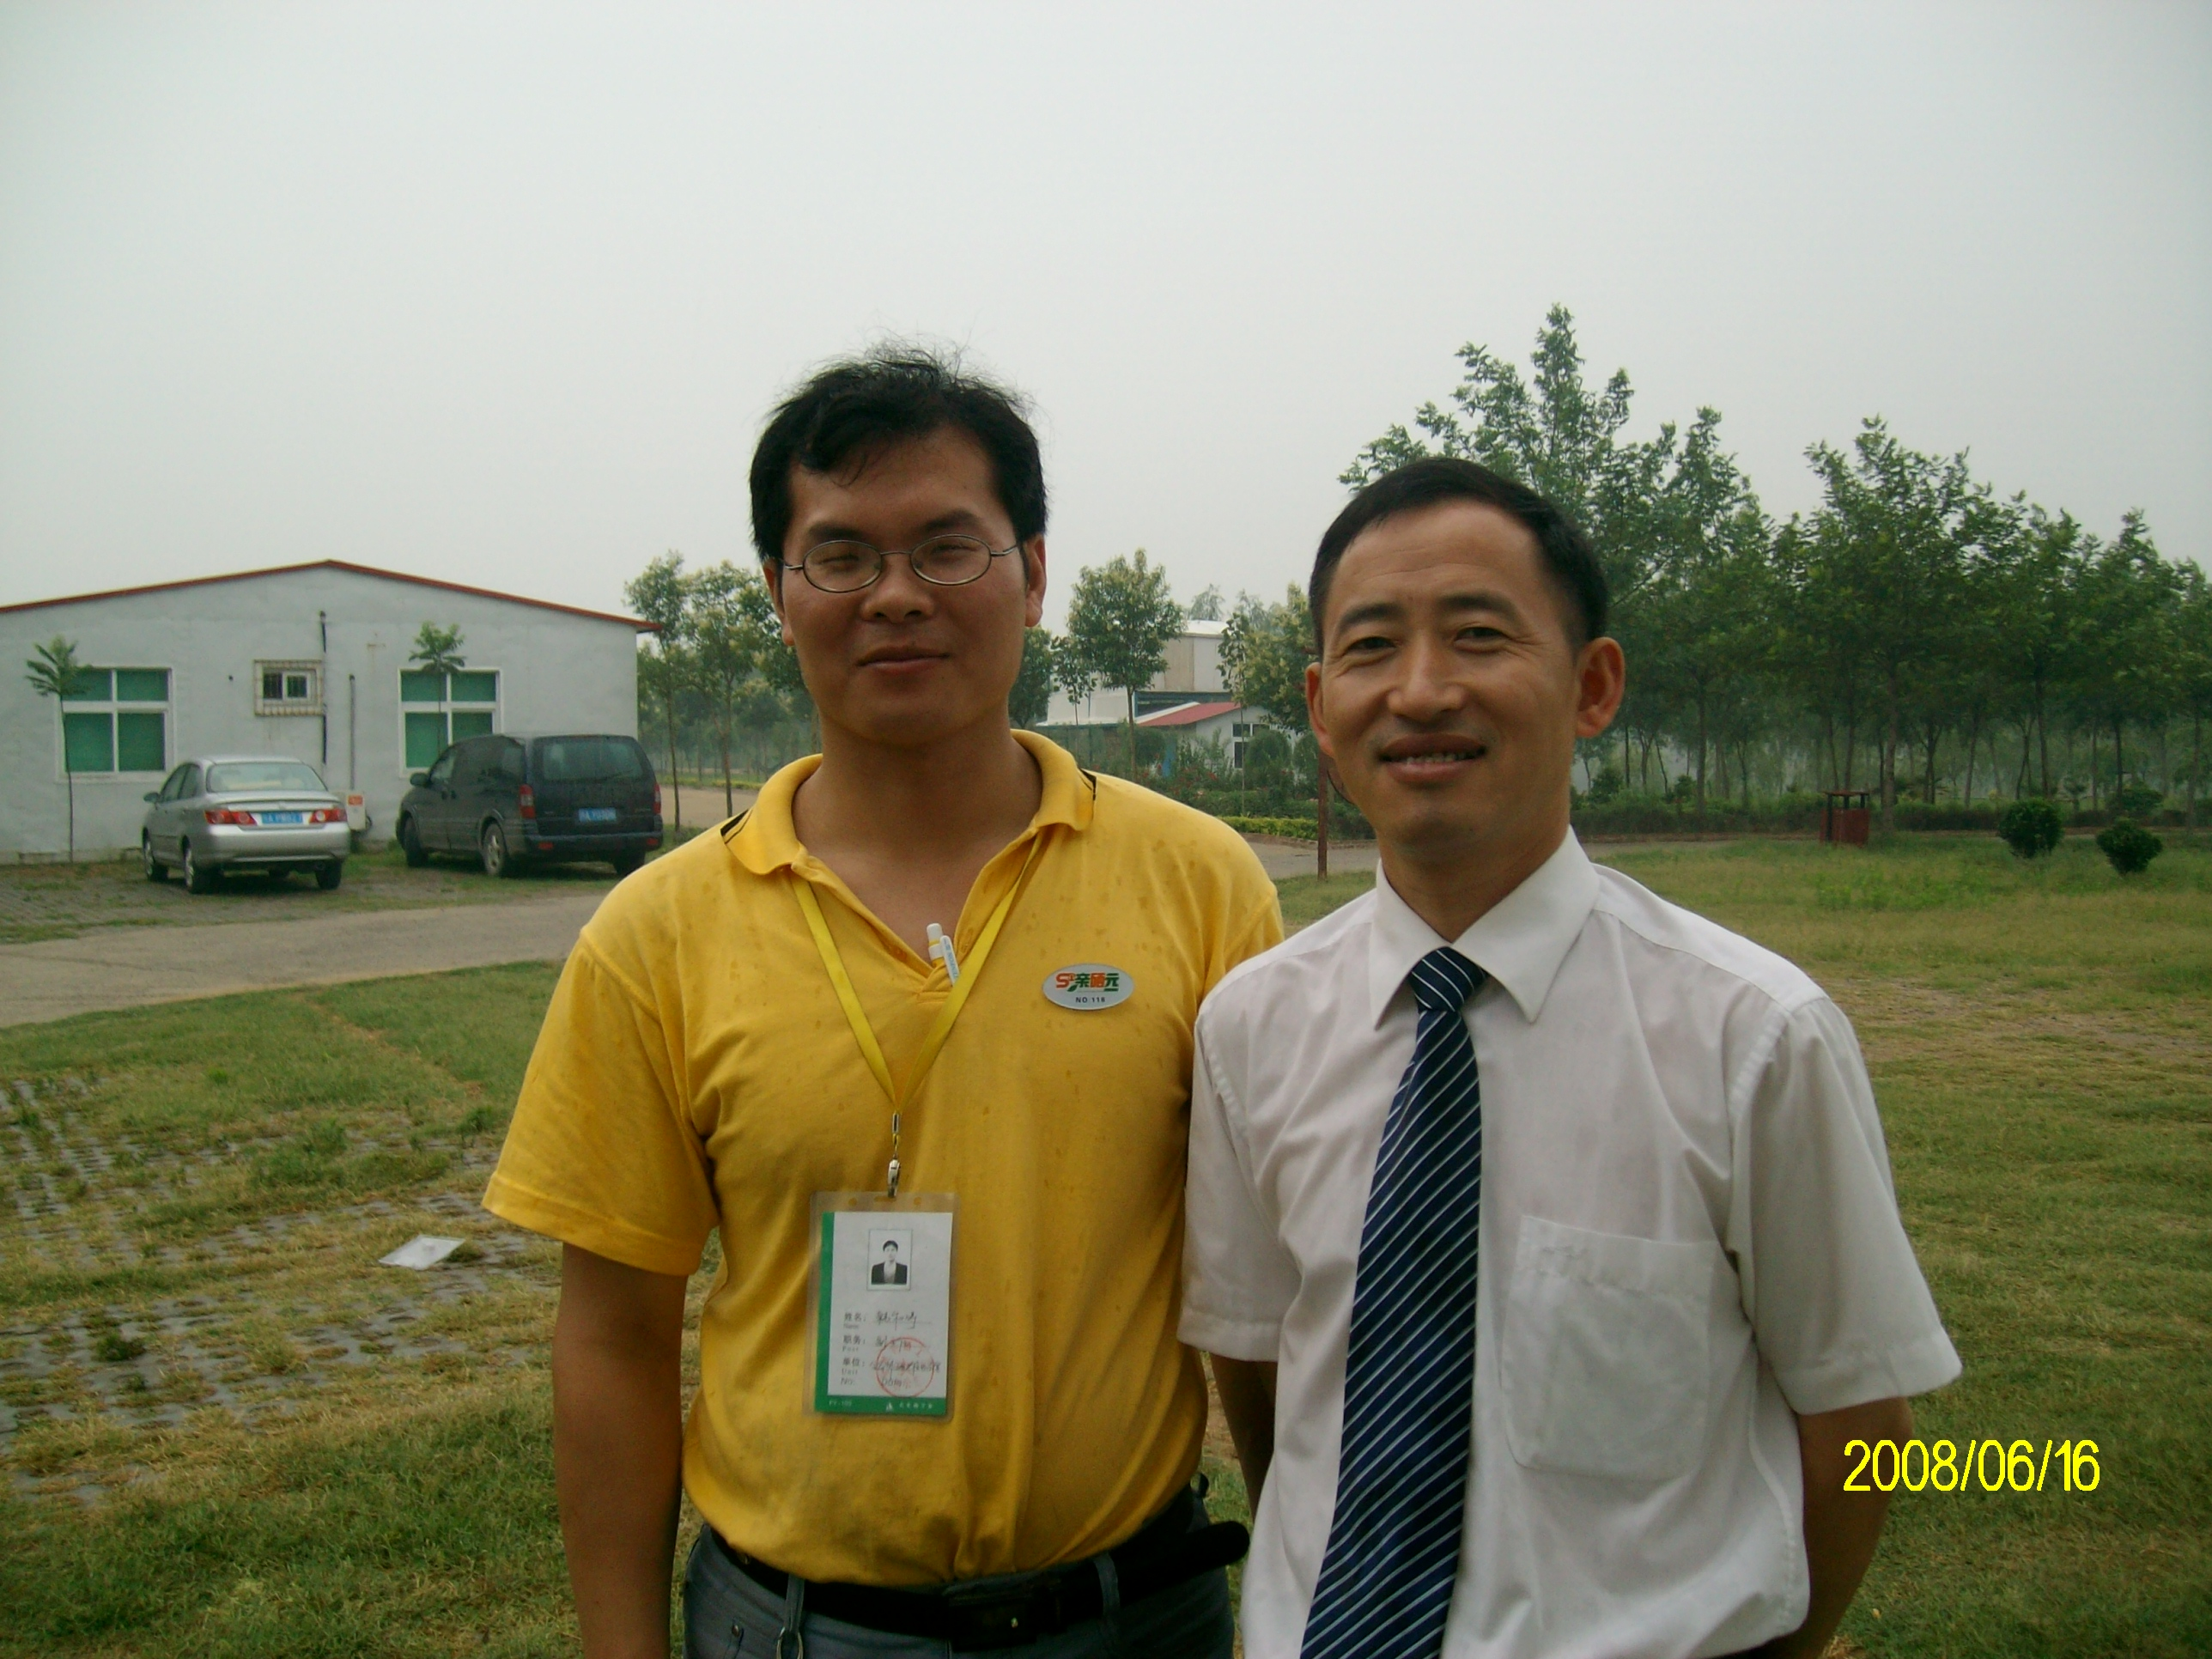 韩冰照片图片